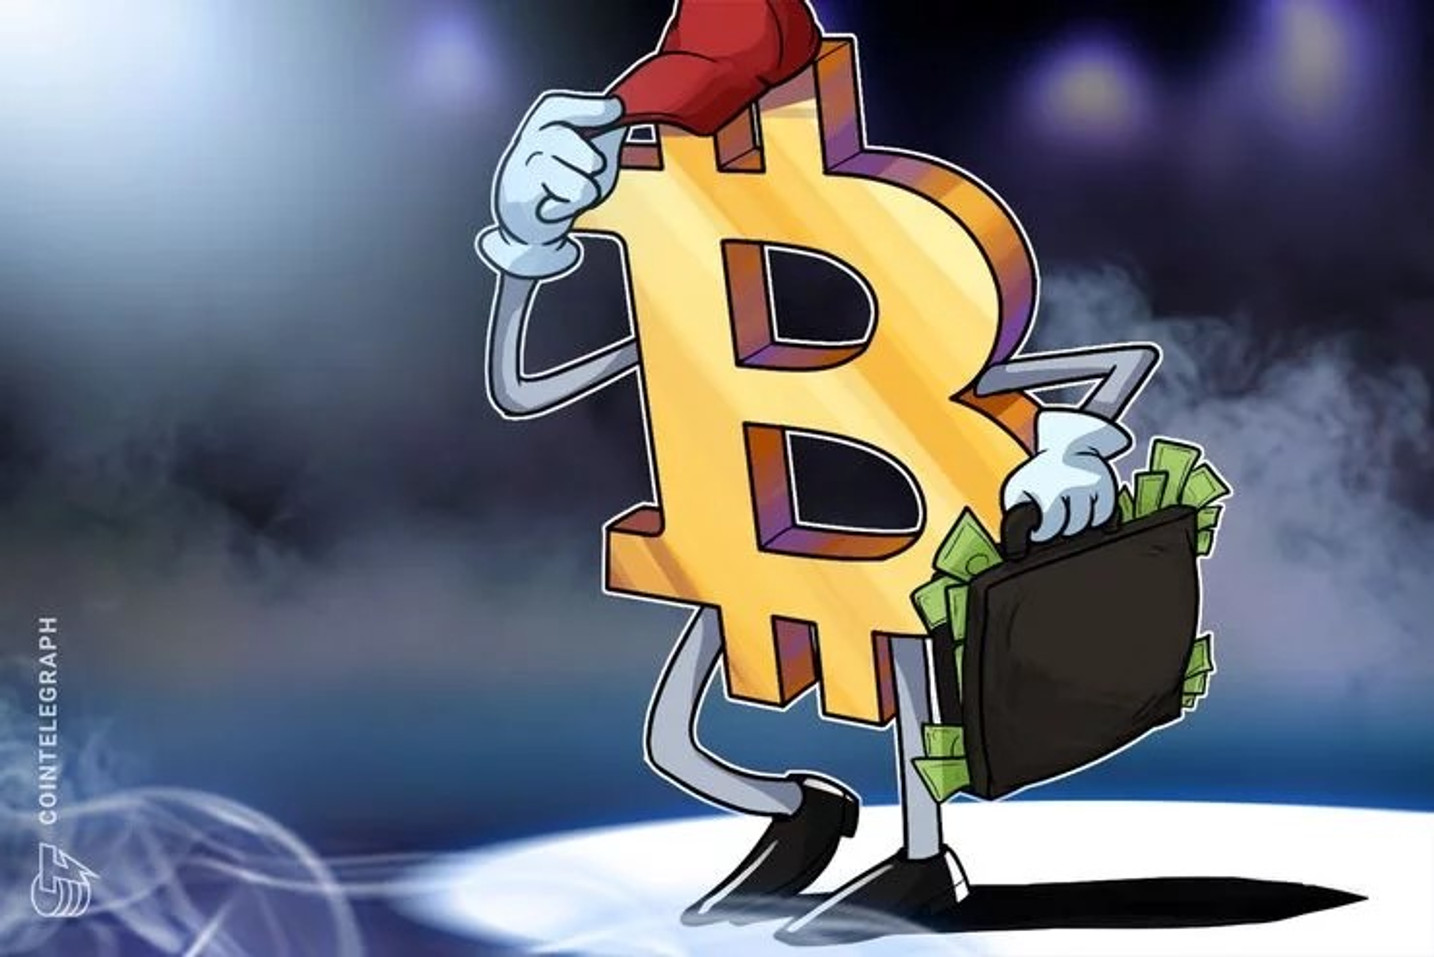 Relatório mostra que para cada US$ 1 gasto em criptomoedas na darknet, US$ 800 são lavados no sistema tradicional